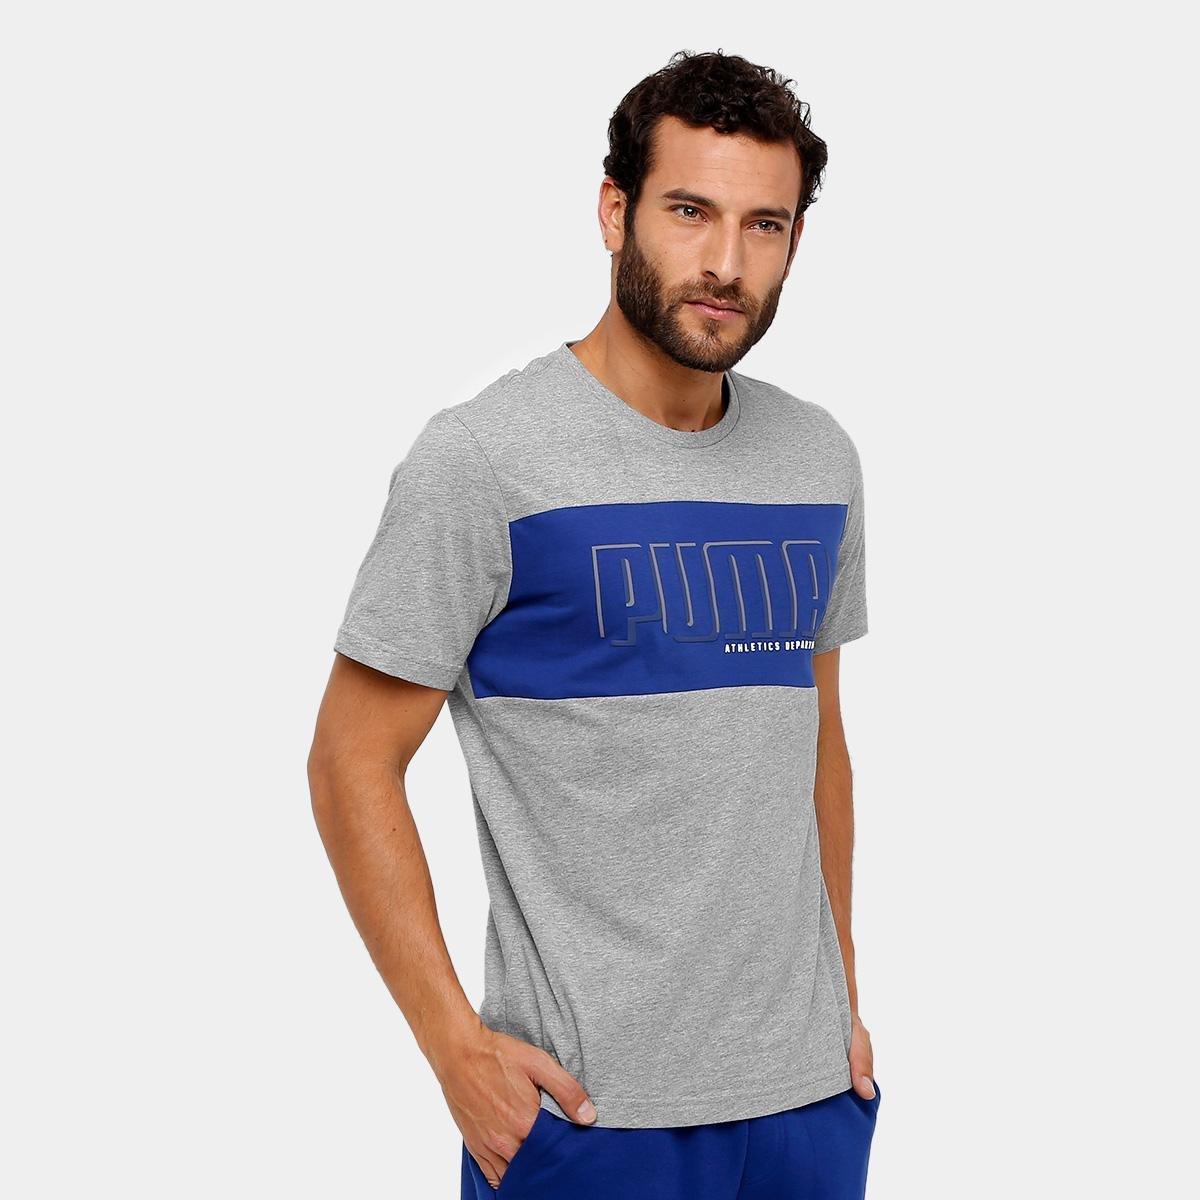 3210e60b62 Camiseta Puma Style Athletics Graphic Tee Masculina - Compre Agora ...